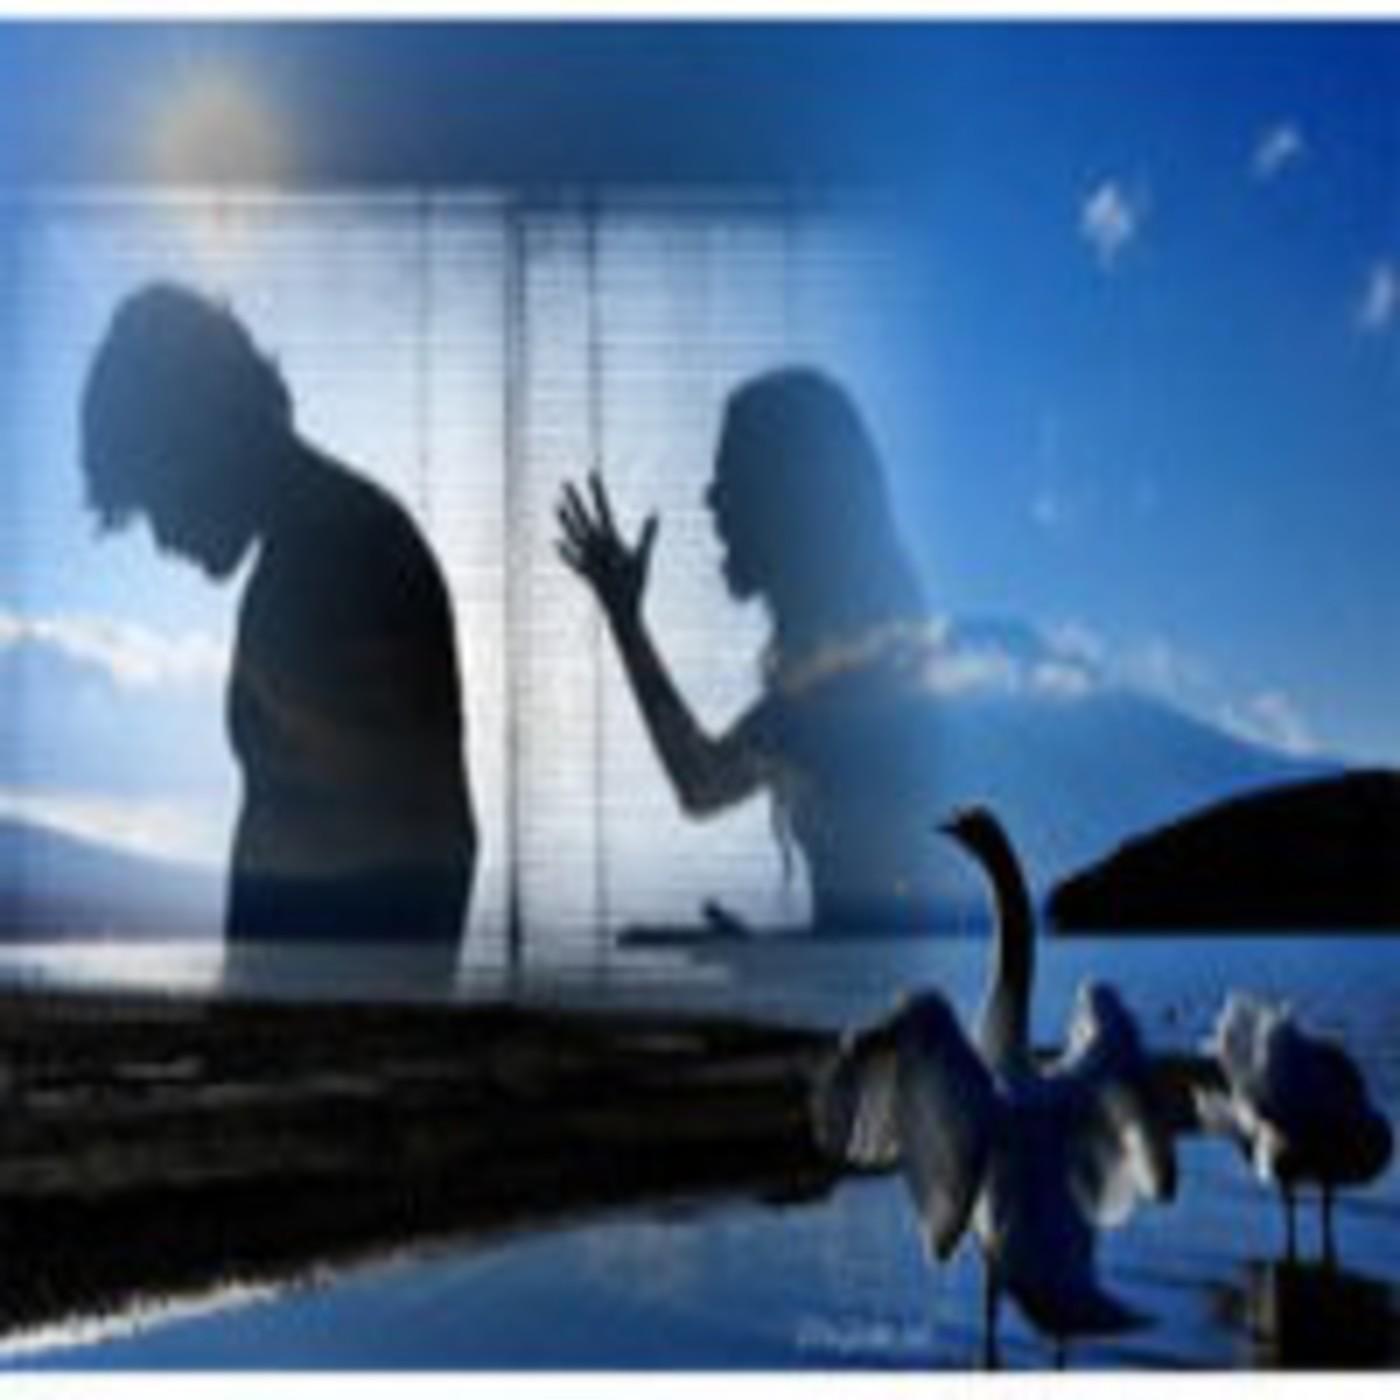 Alabanzas Cristianas De Adoracion alabanzas cristianas 2 en podcast bryan89 en mp3(24/02 a las